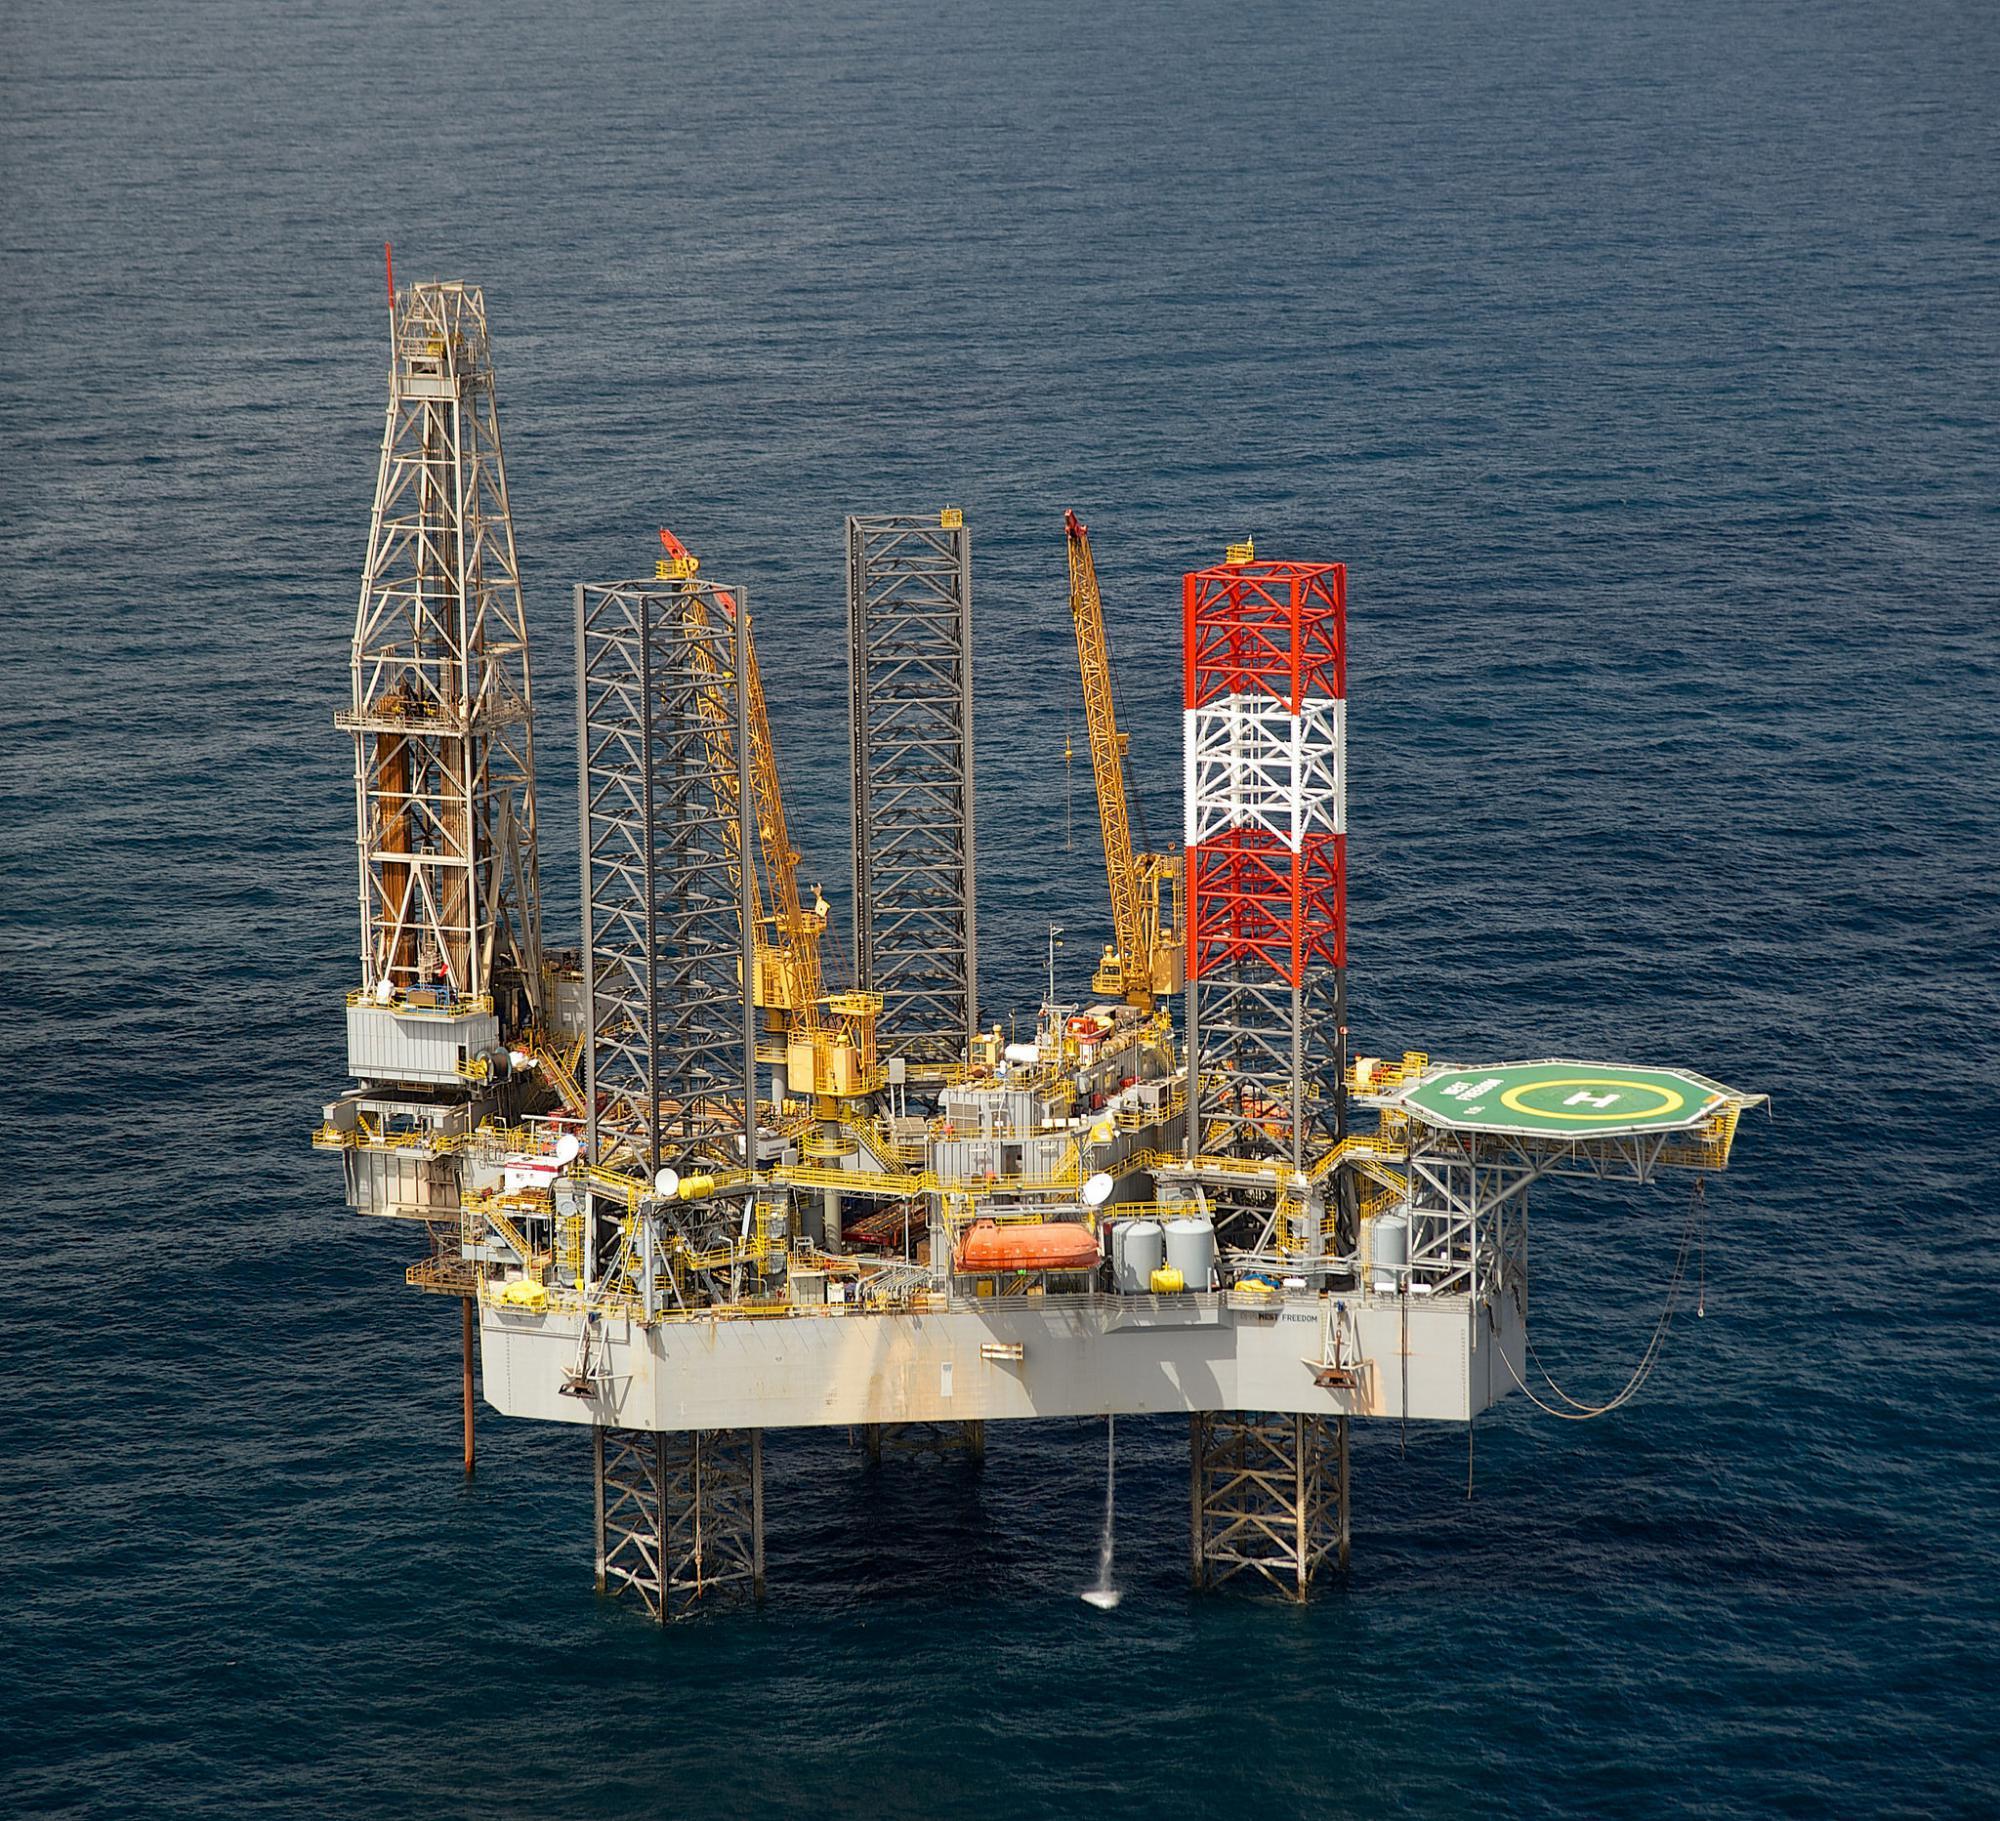 Repsol expone más de 2.200 millones de euros en activos en Venezuela / Foto: Repsol